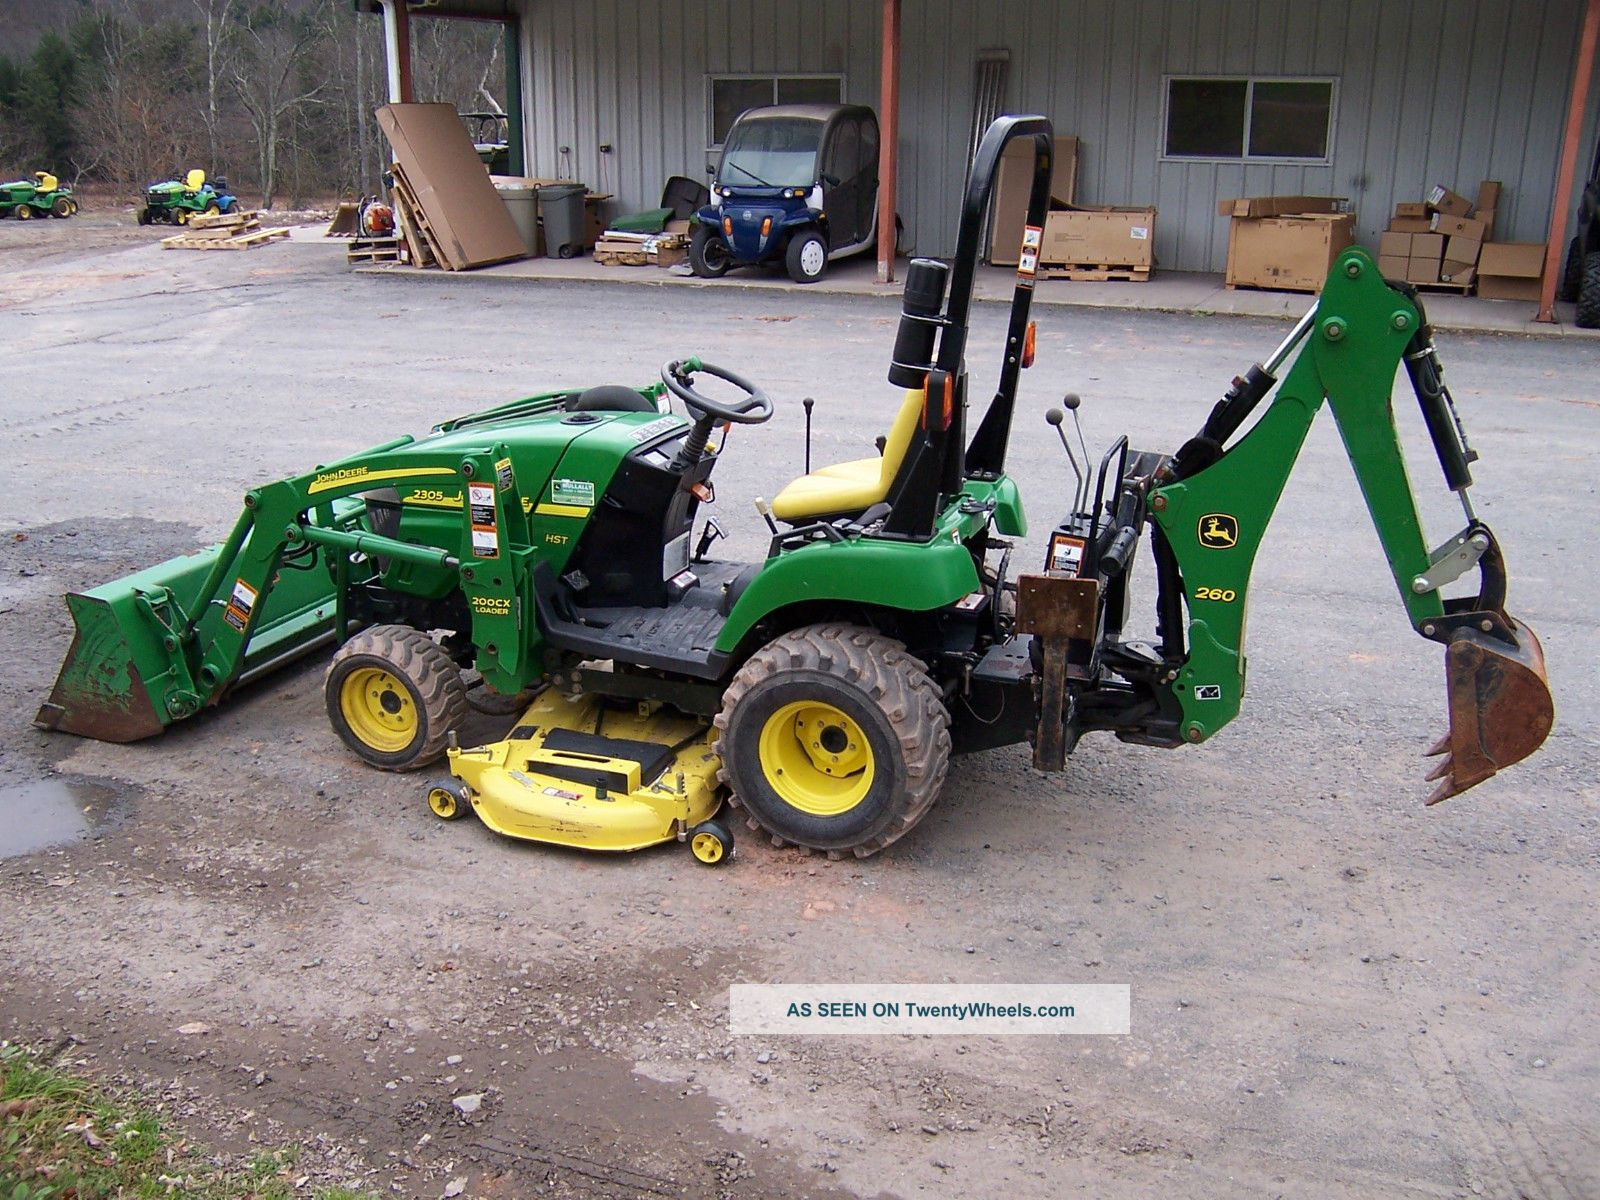 John Deere Tractor Loader Backhoe Mower Lgw